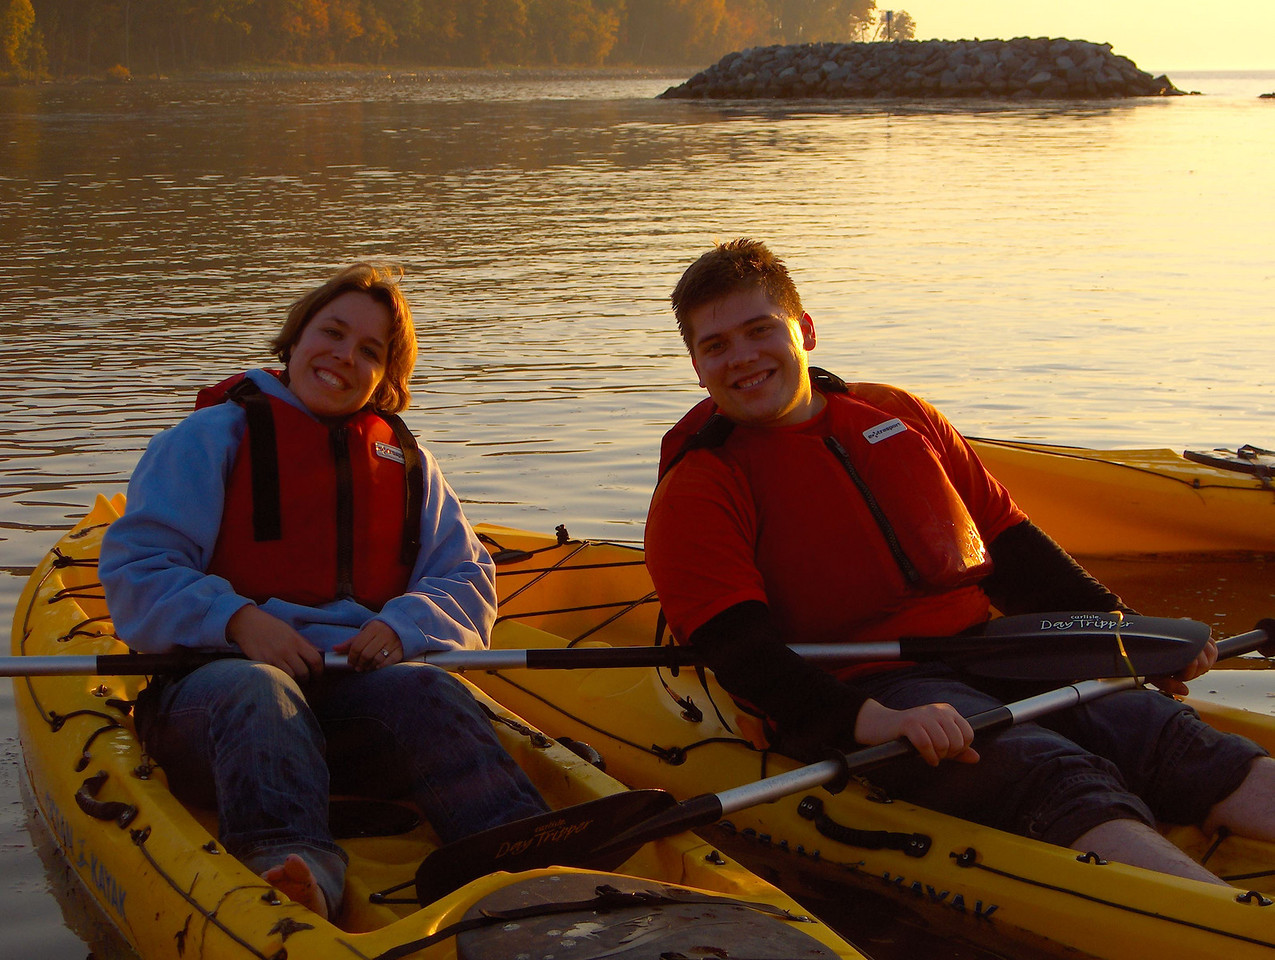 Renee and Matt